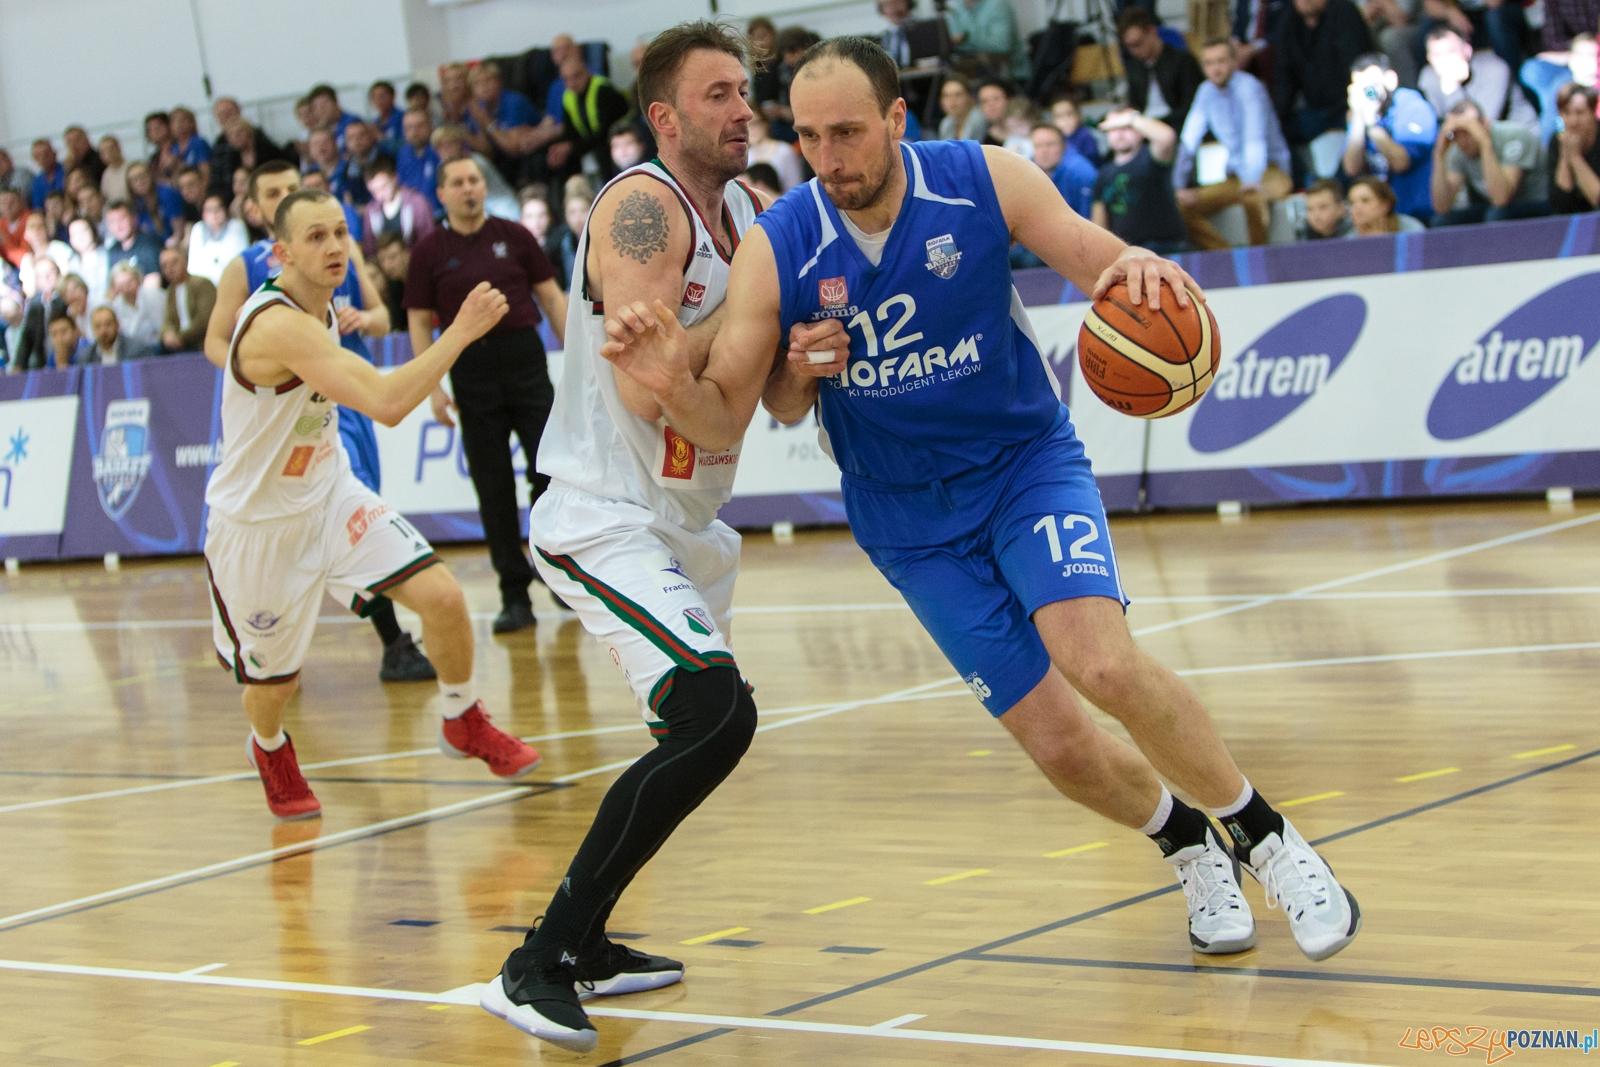 PlayOff: Biofarm Basket Poznań - Legia Warszawa 77:82  Foto: LepszyPOZNAN.pl / Paweł Rychter